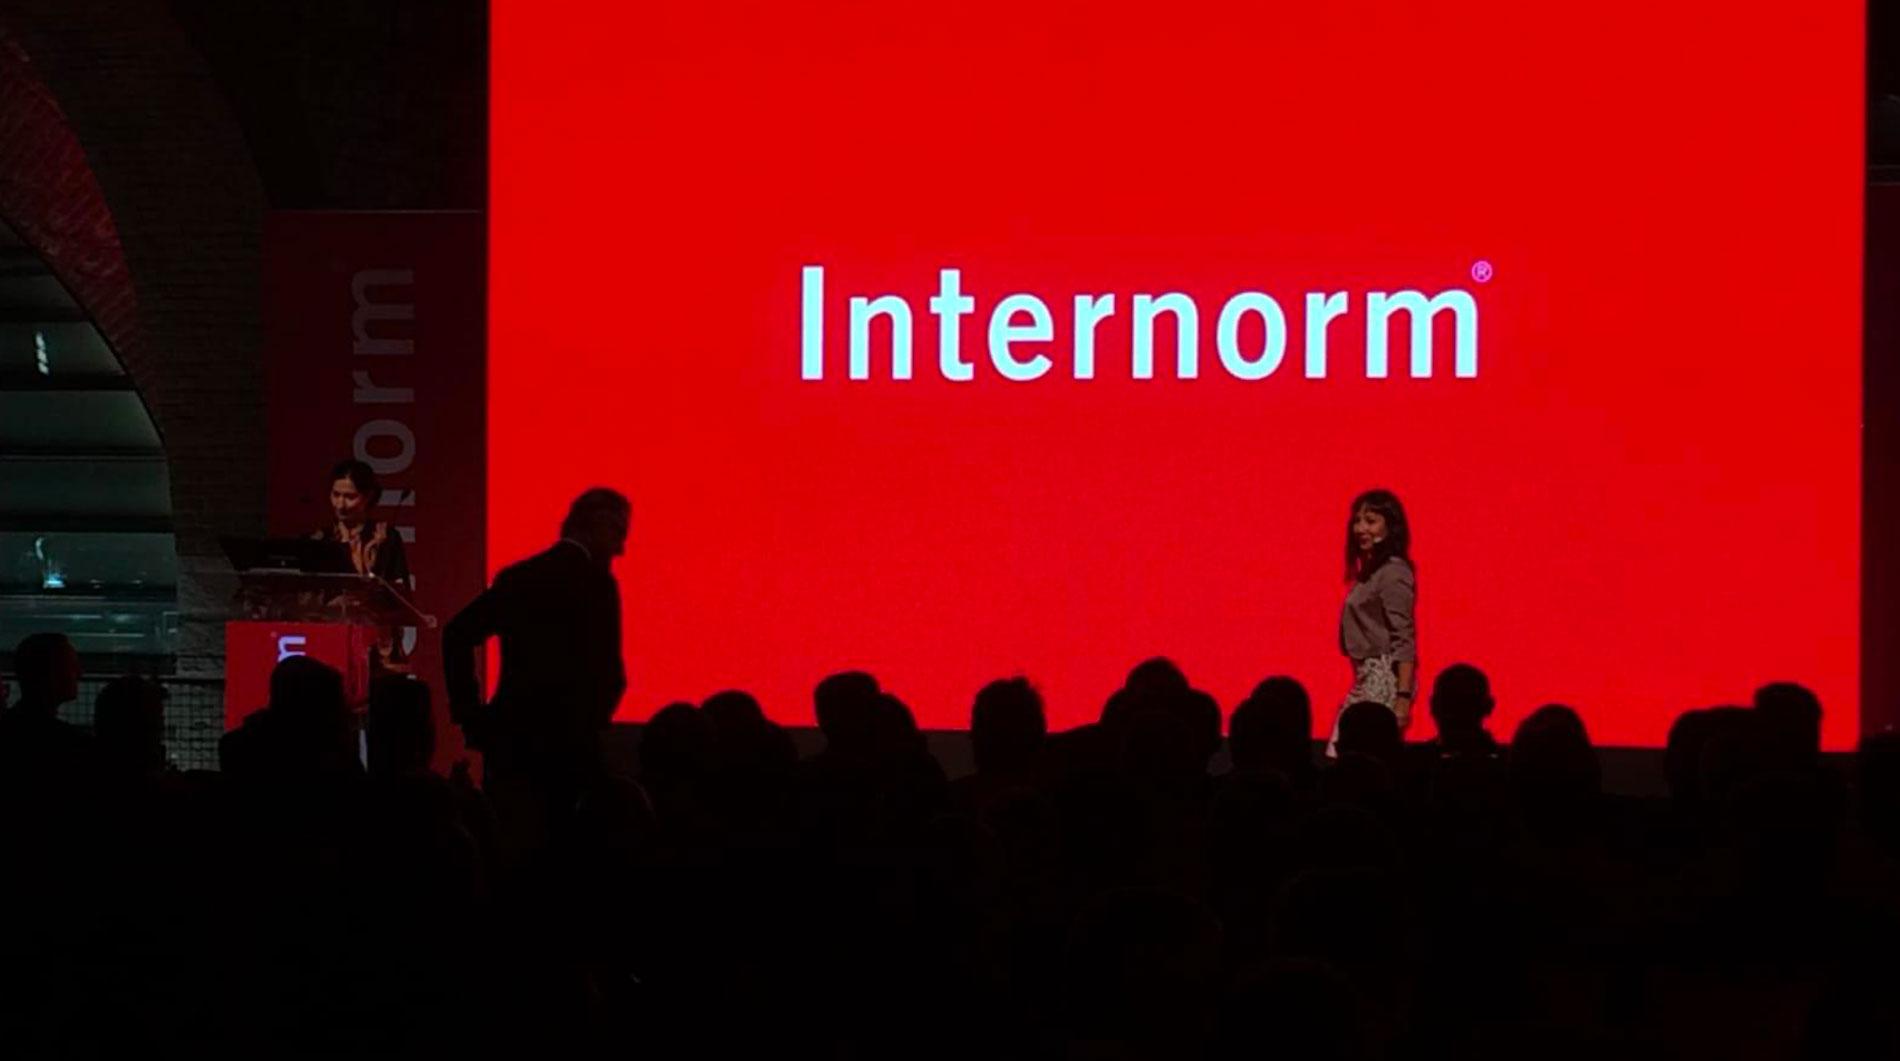 internorm_1